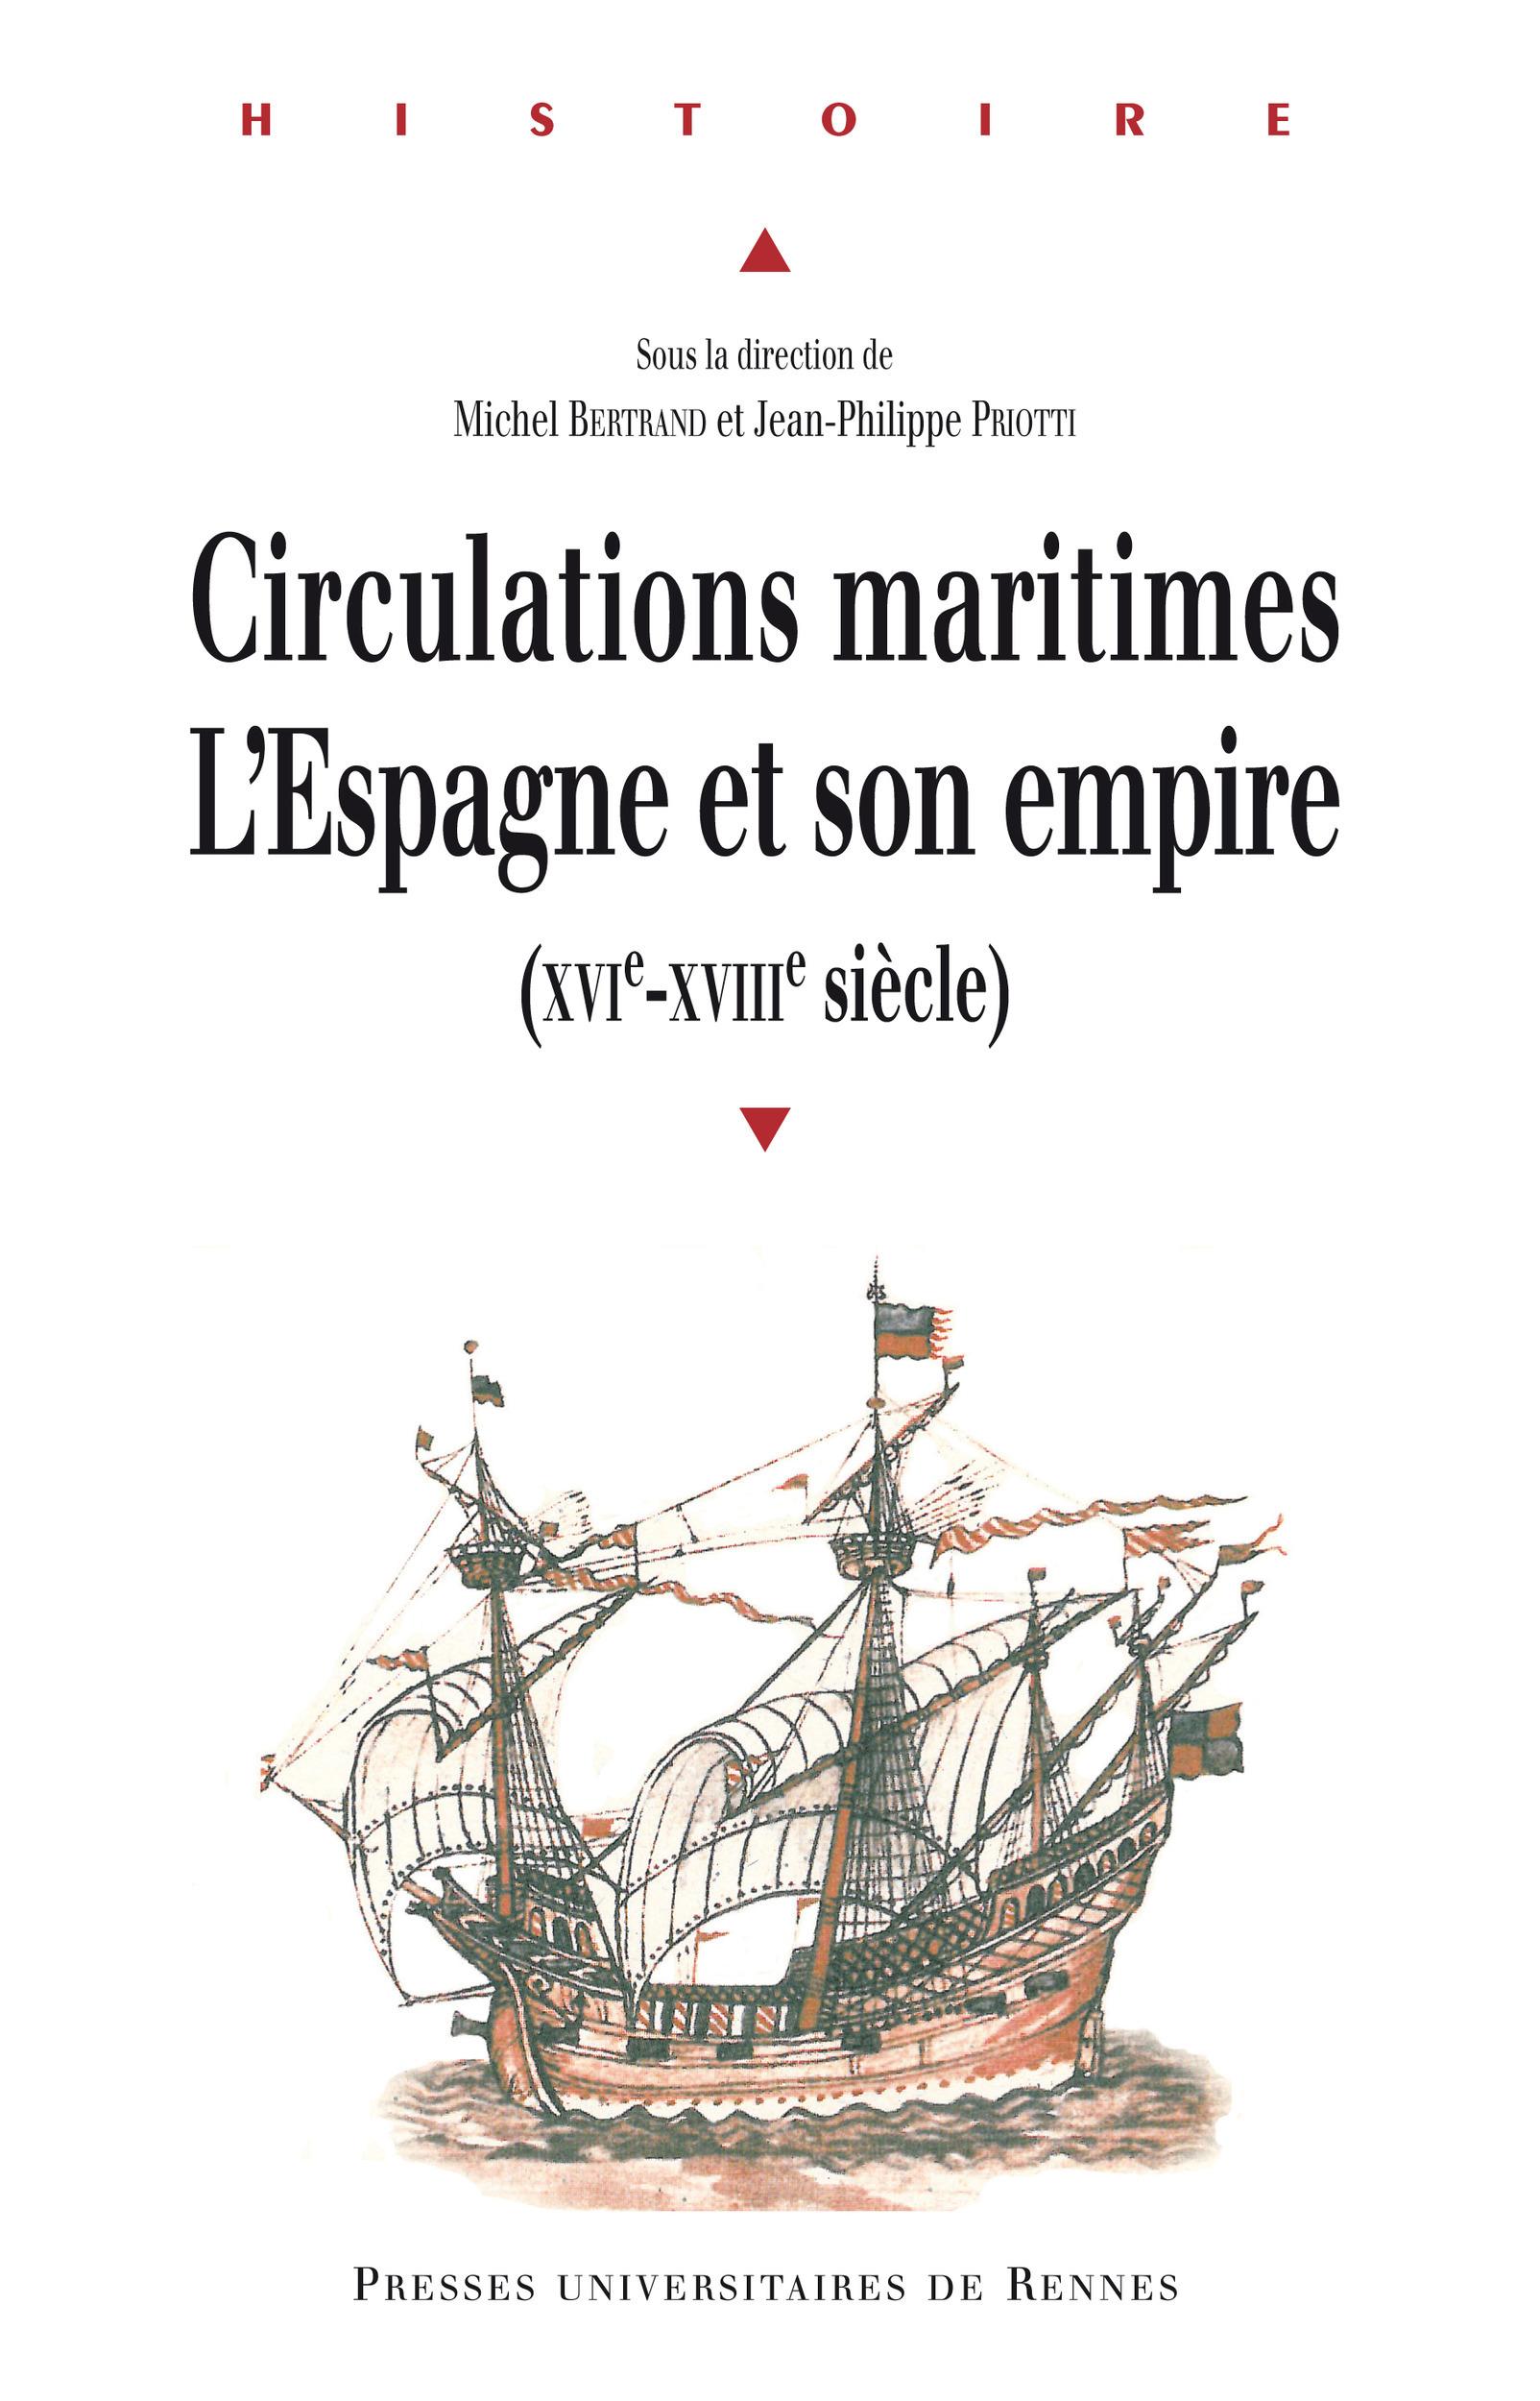 Circulations maritimes: l'Espagne et son empire  - Michel Bertrand  - Jean-Philippe Priotti